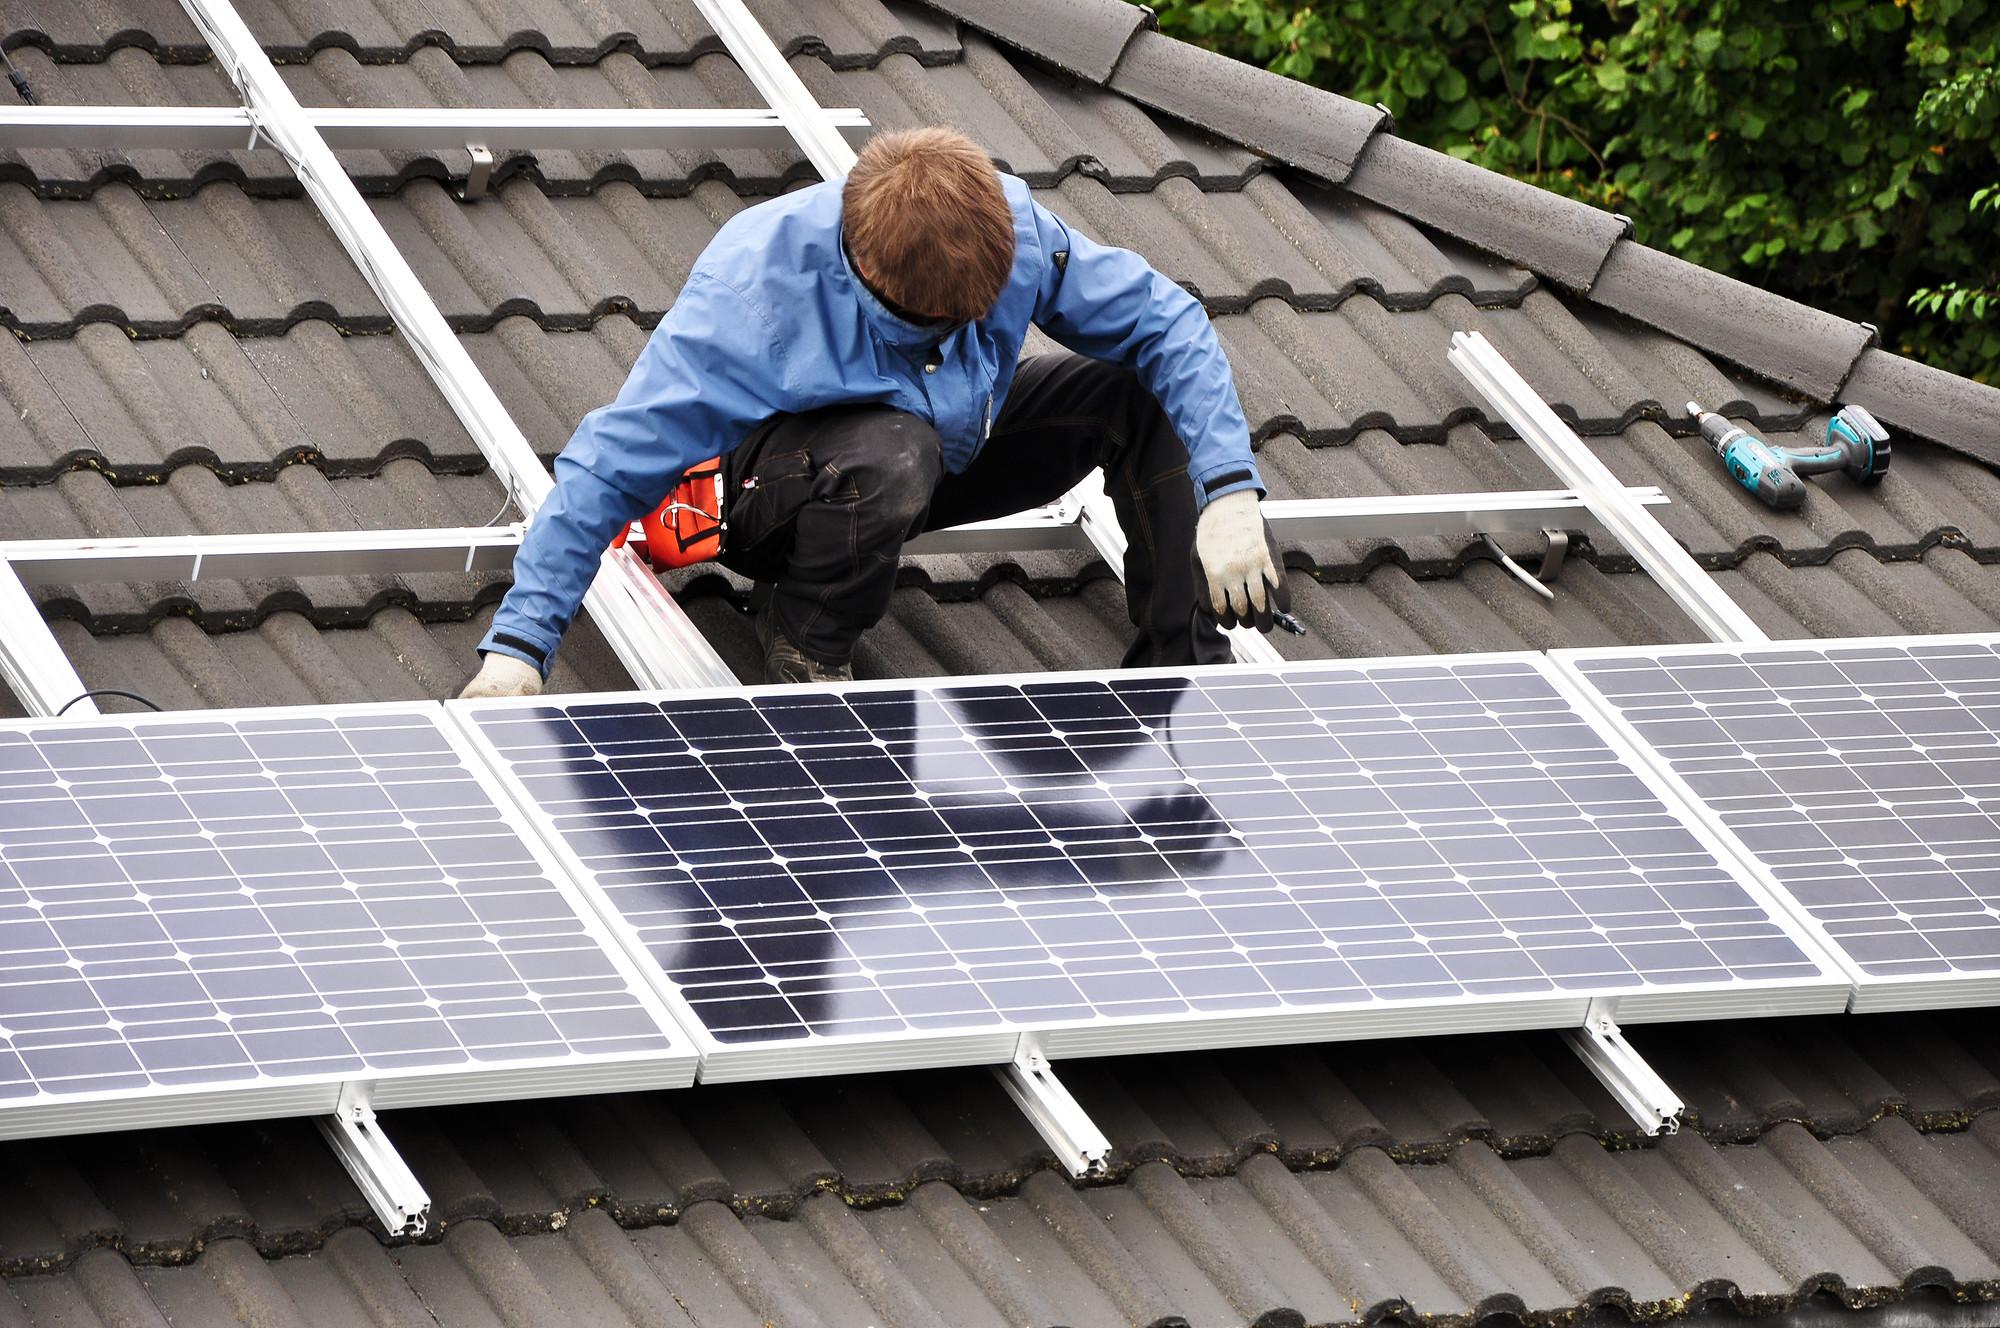 España: Aparecen una serie de trabas para la auto-producción de Energía en Viviendas Particulares, © Mother Earth News